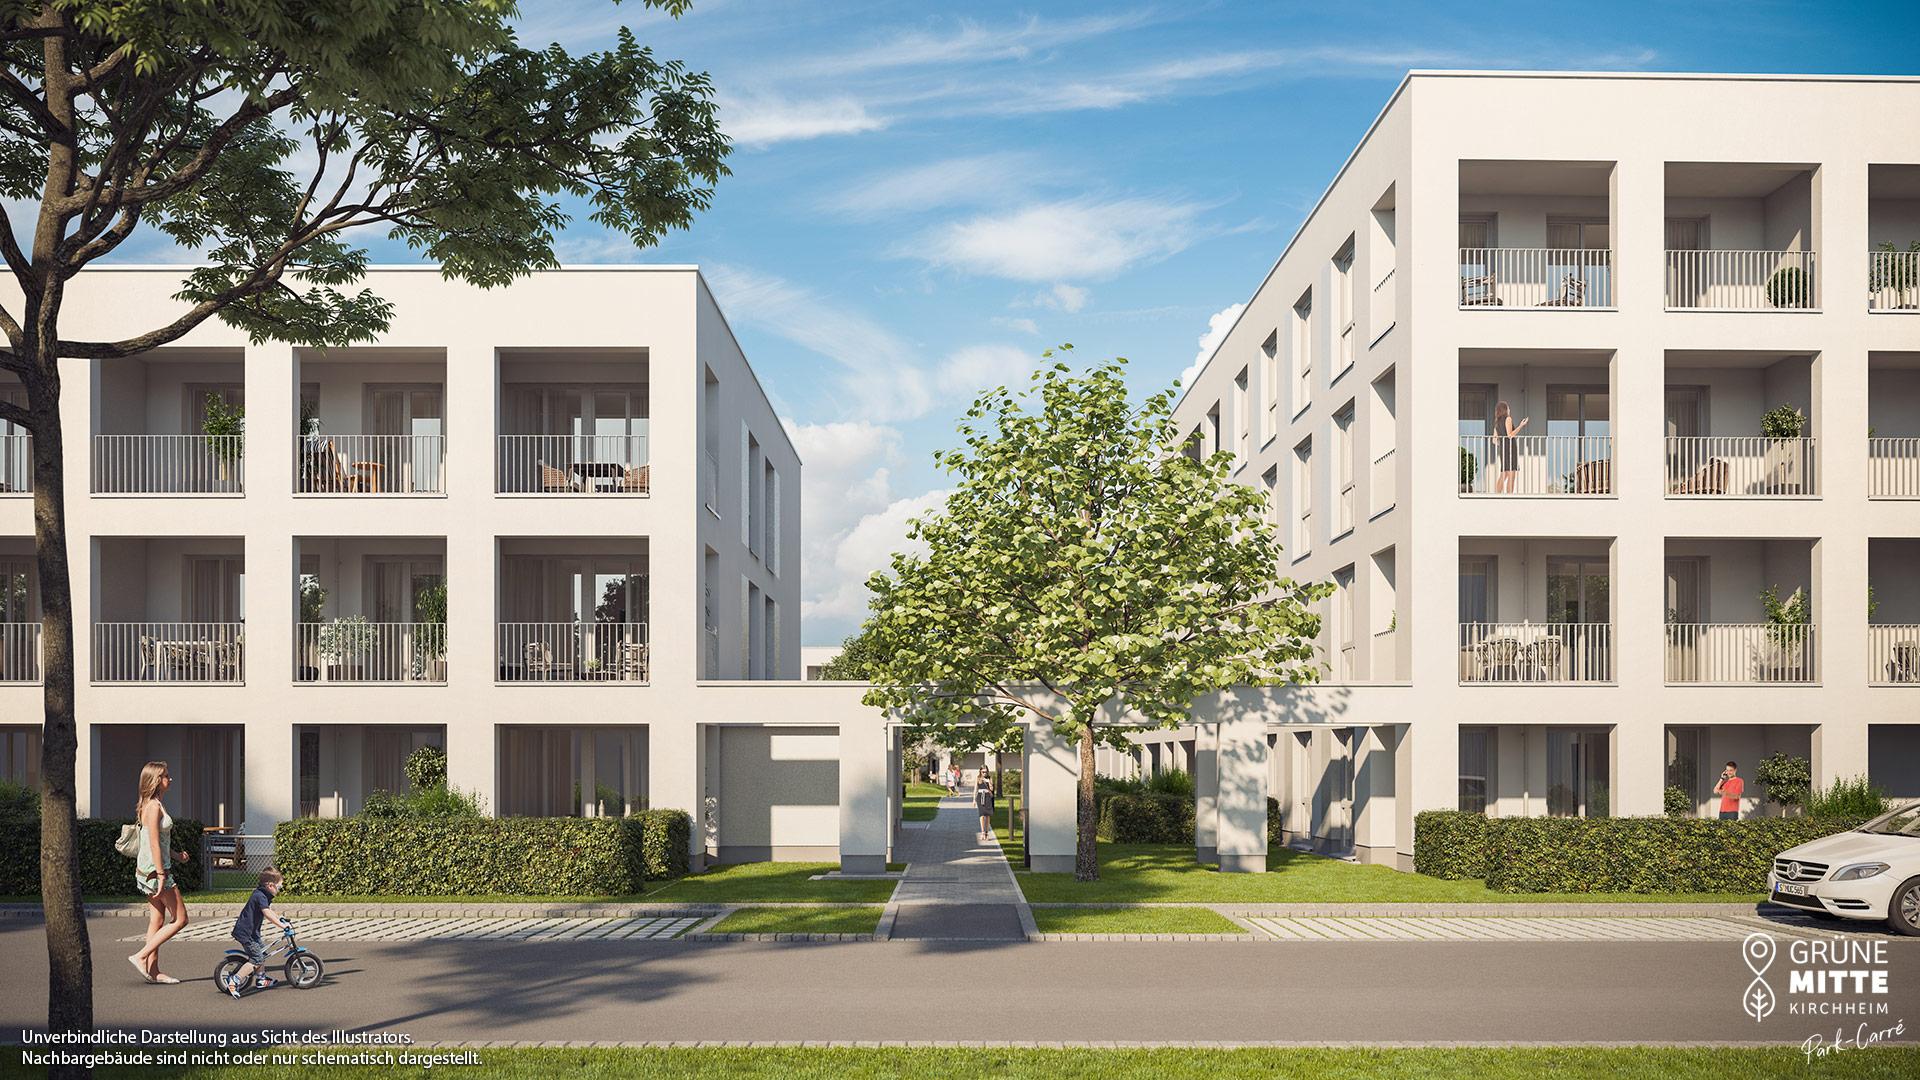 Eigentumswohnungen Kirchheim bei München: Grüne Mitte Kirchheim - Park-Carré - Illustration 6